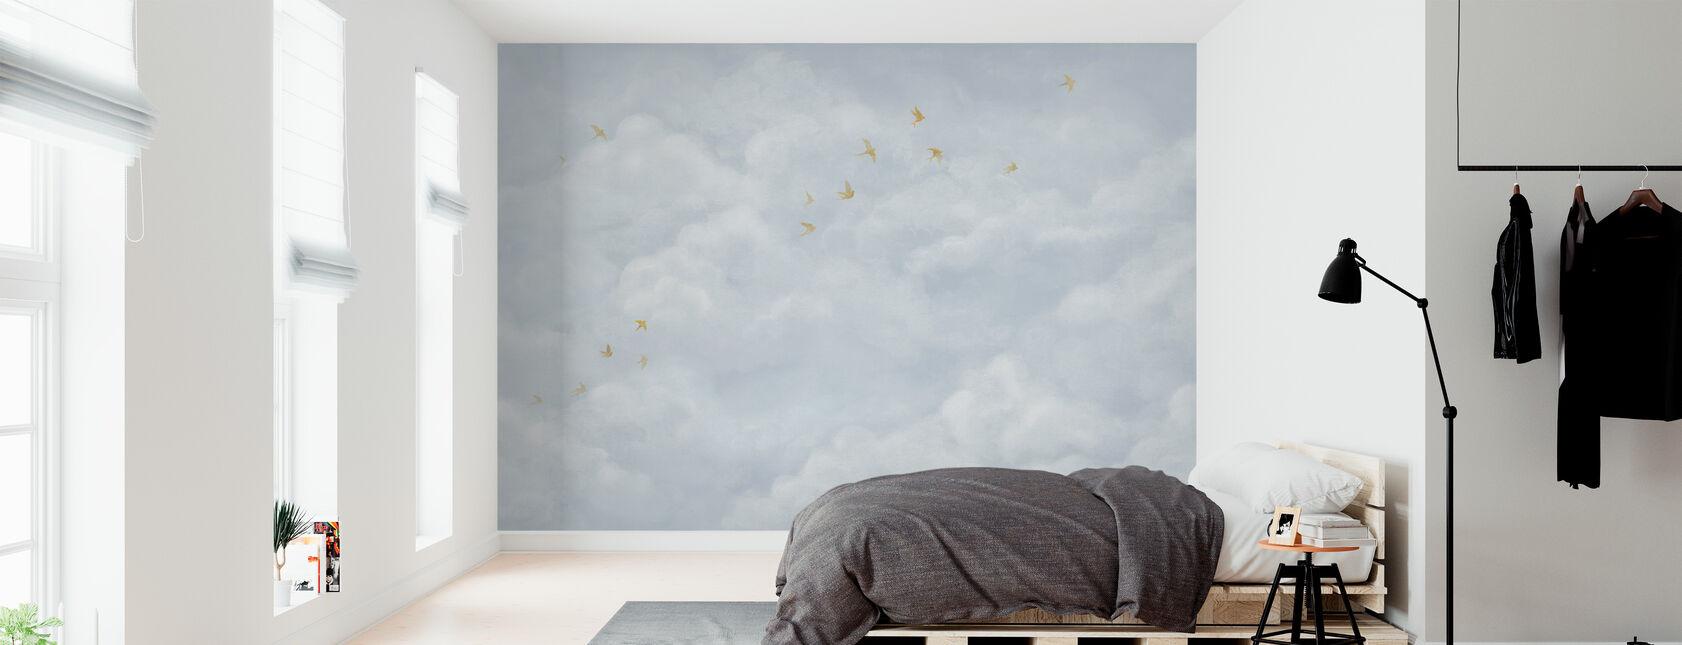 Nubes tiernas con golondrinas amarillas - Azul suave - Papel pintado - Dormitorio